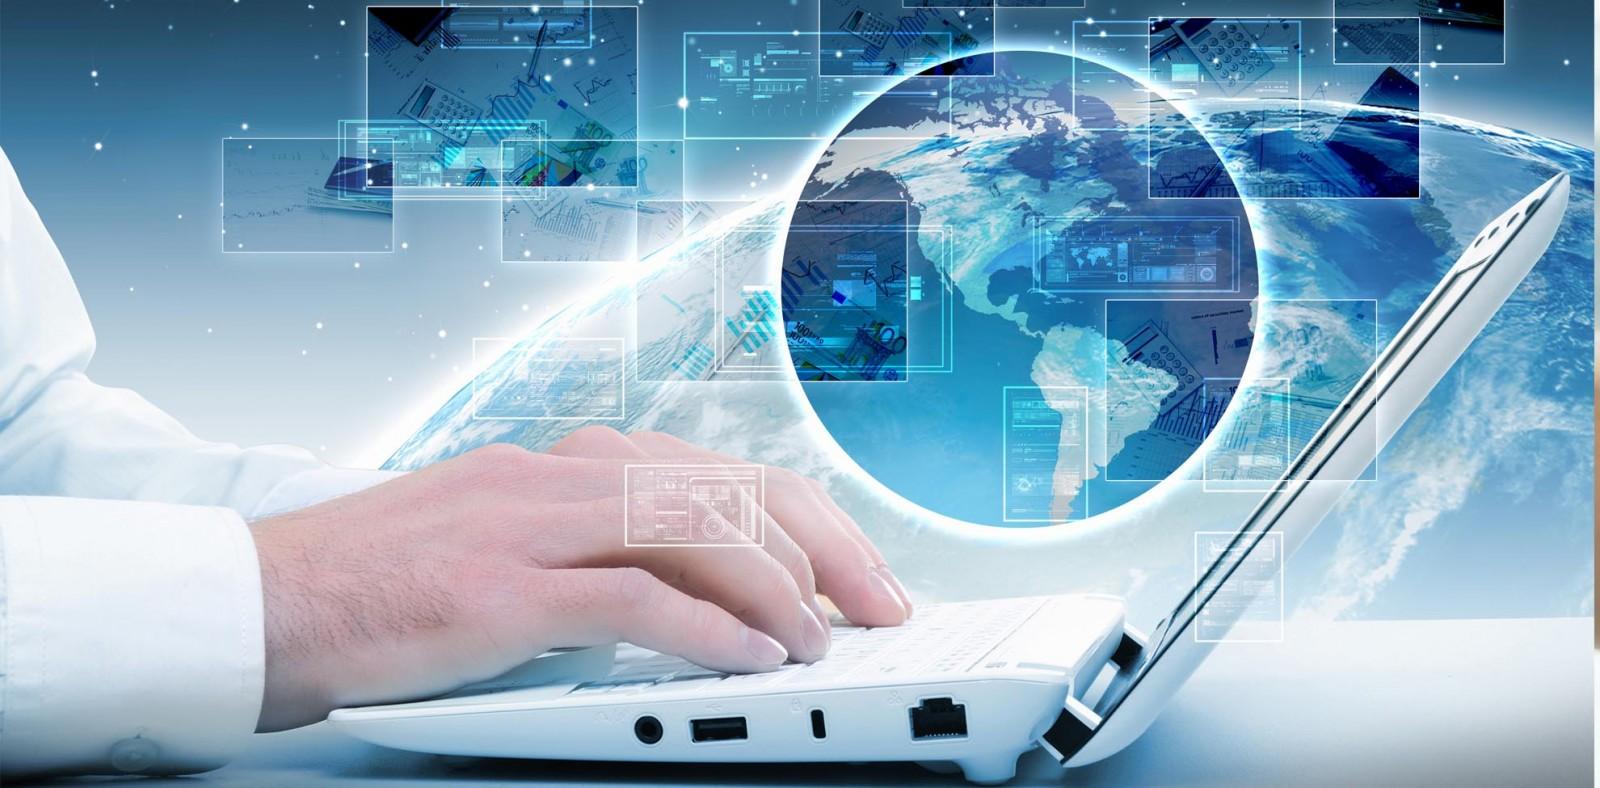 Виды интернет-технологий и иноваций в it